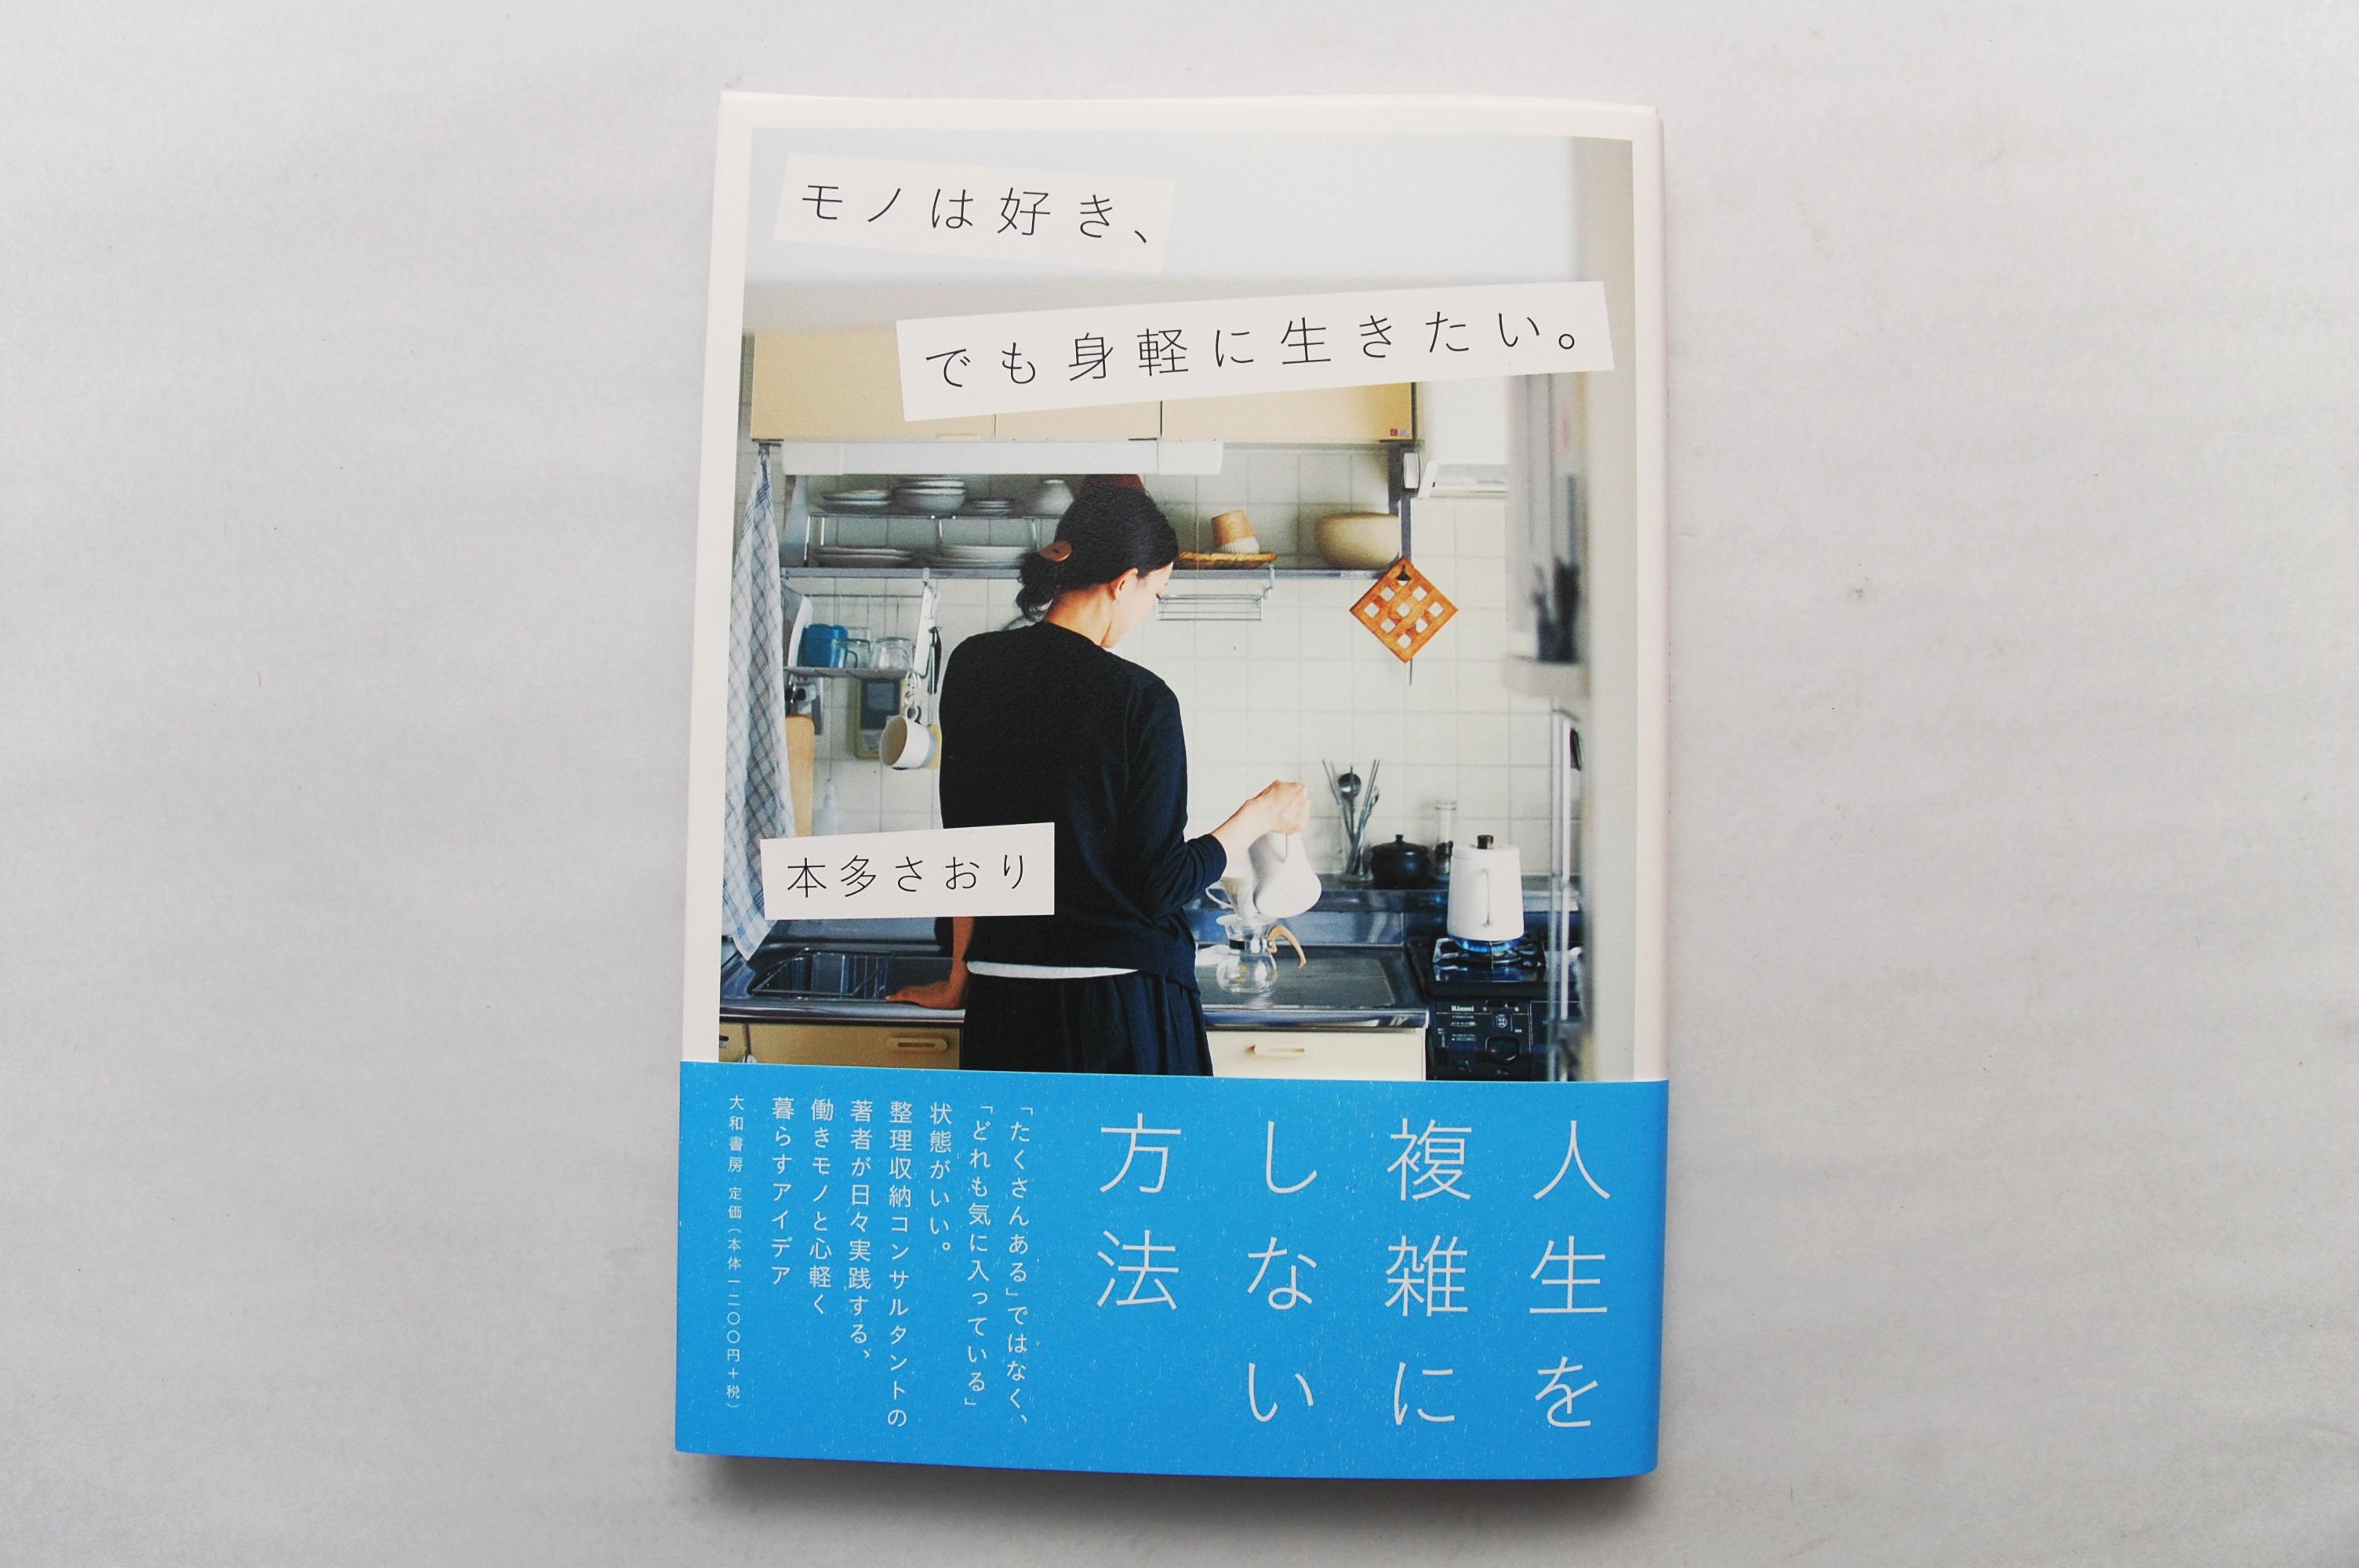 DSC_0183のコピー